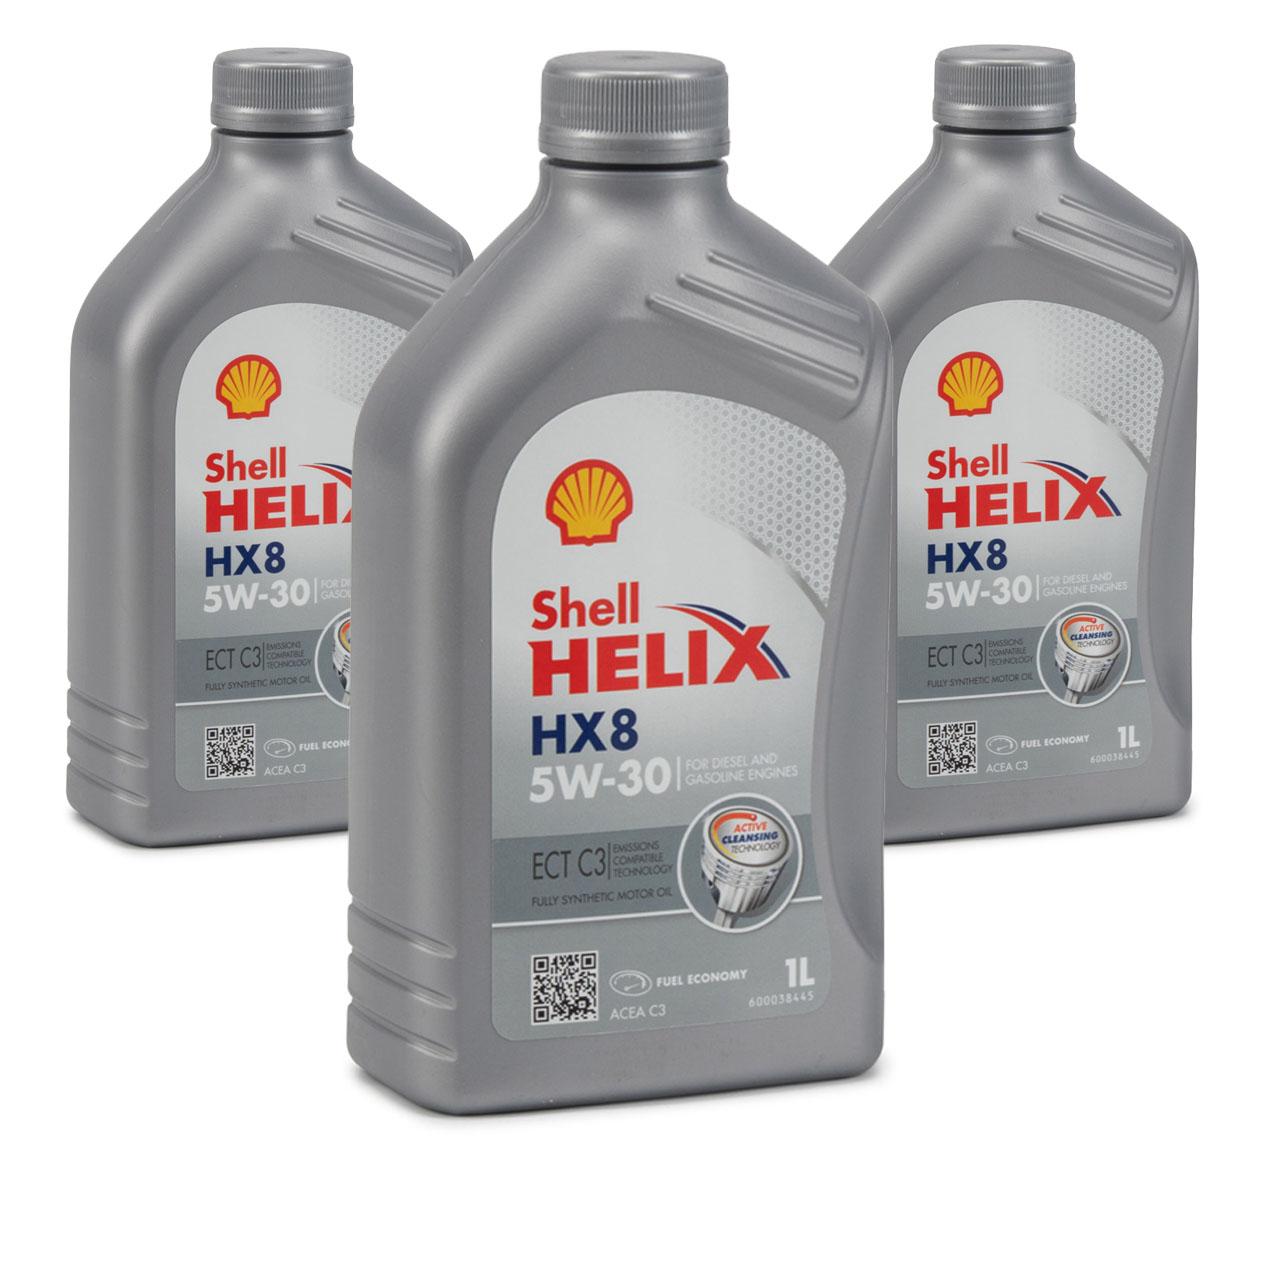 SHELL Motoröl ÖL HELIX HX8 ECT C3 5W-30 5W30 für MB 229.31 229.51 - 3L 3 Liter